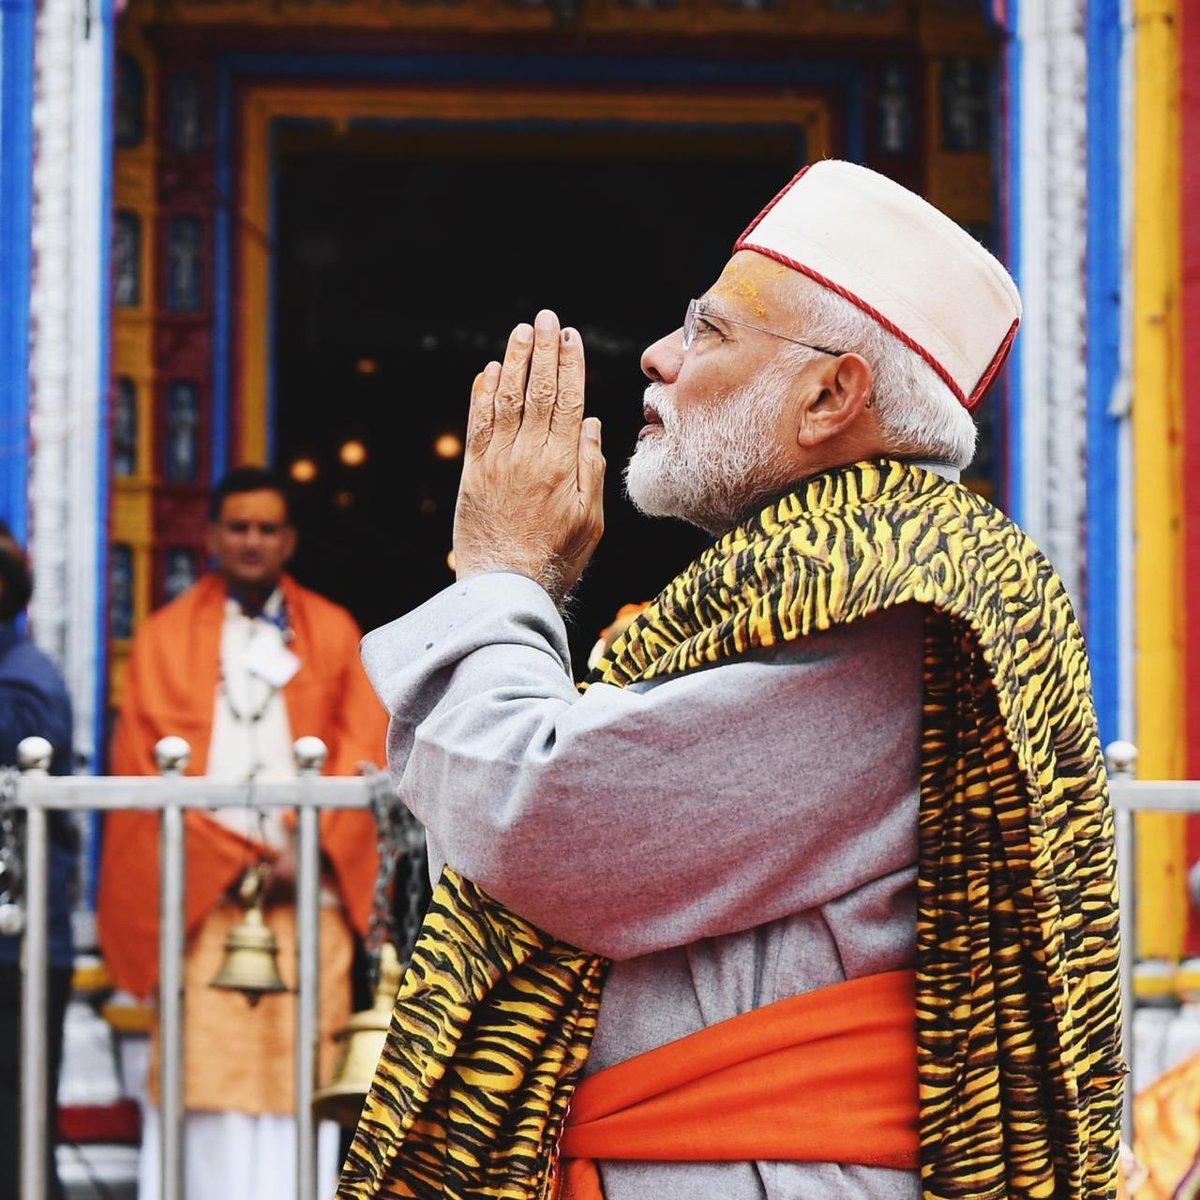 Prayed at the Kedarnath Temple. Har Har Mahadev!